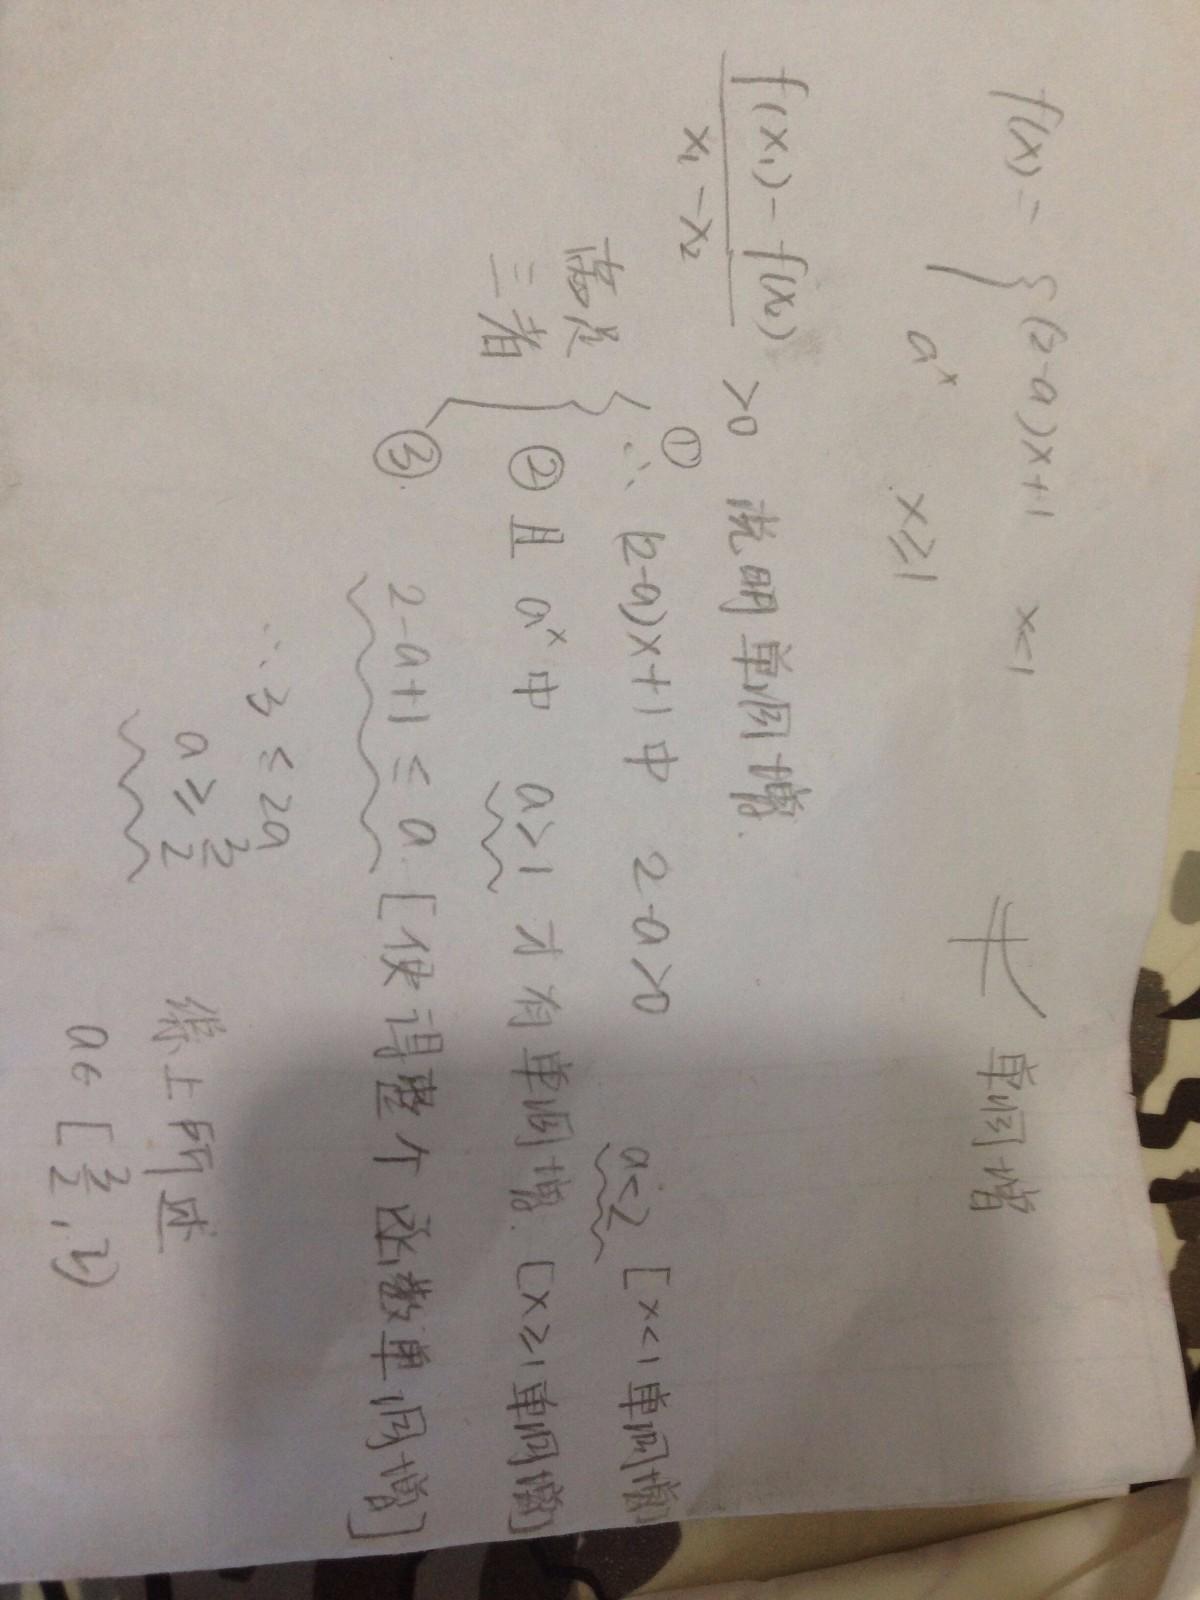 分段函数的解法步骤